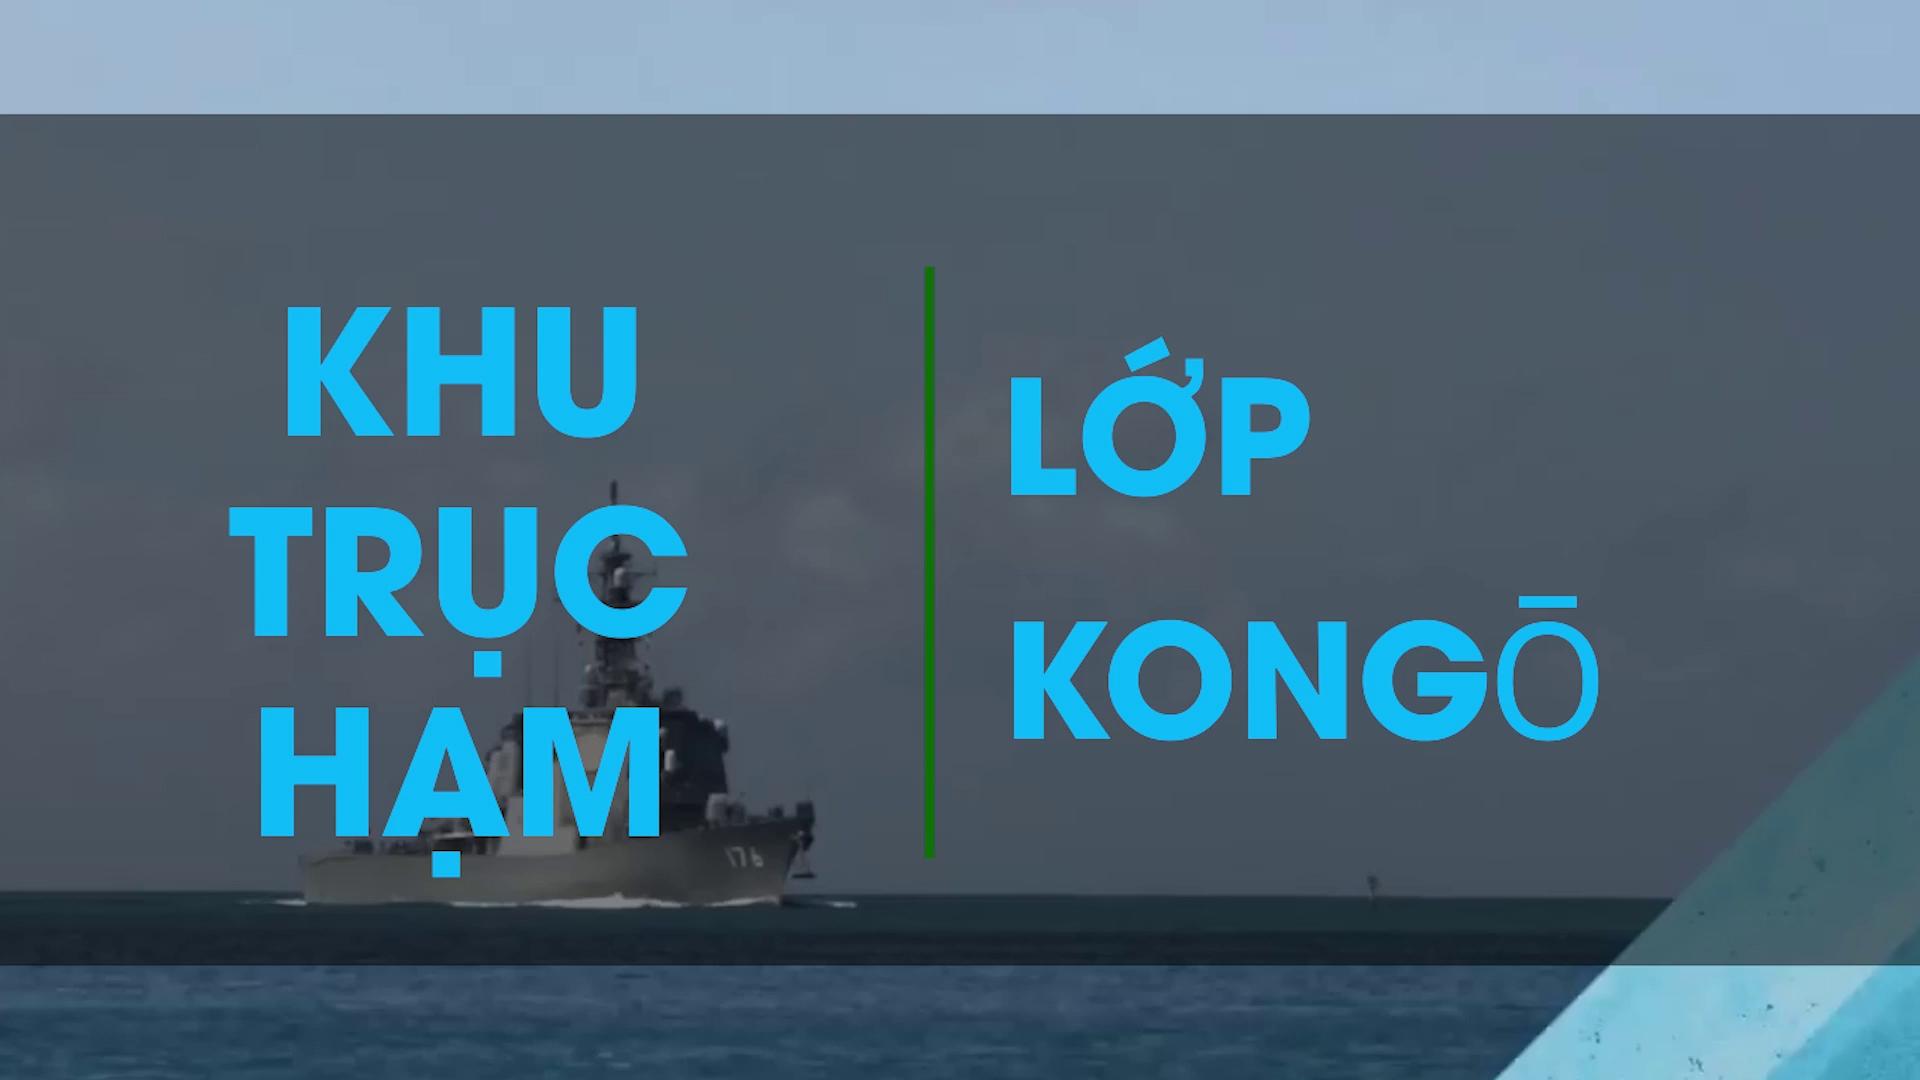 Khu trục hạm lớp Kongo của Hải quân Nhật Bản